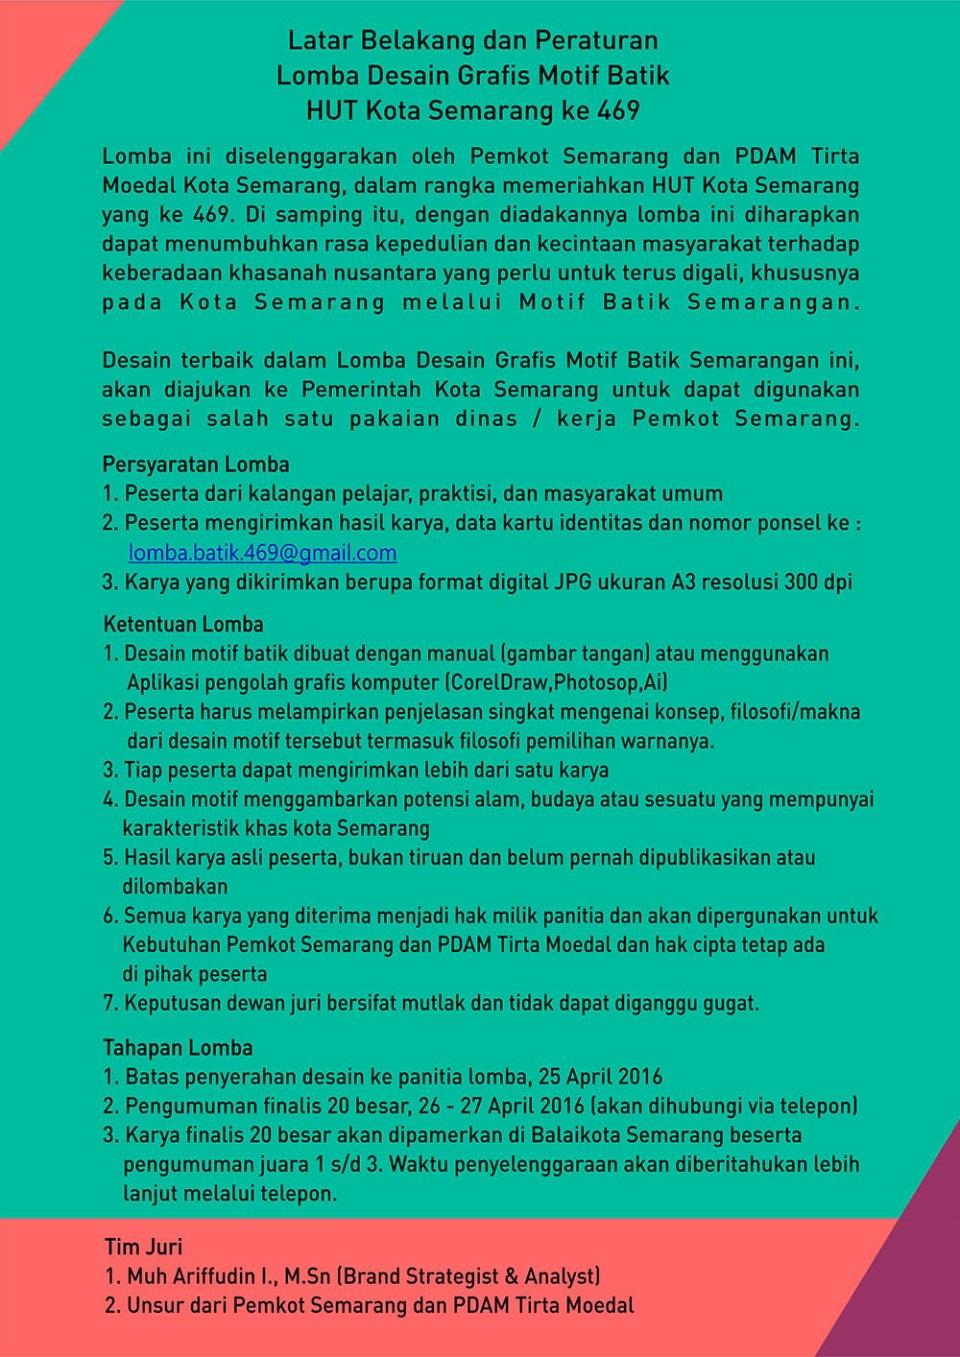 revisi peraturan kecil - copy2